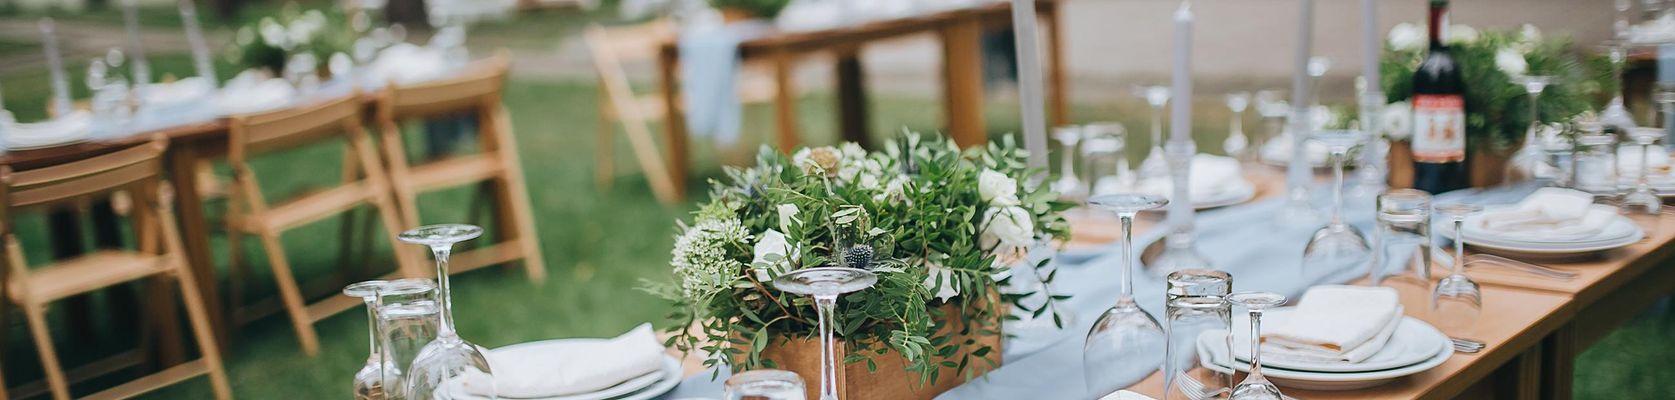 Tischdekoration Hochzeit, Hochzeitstisch